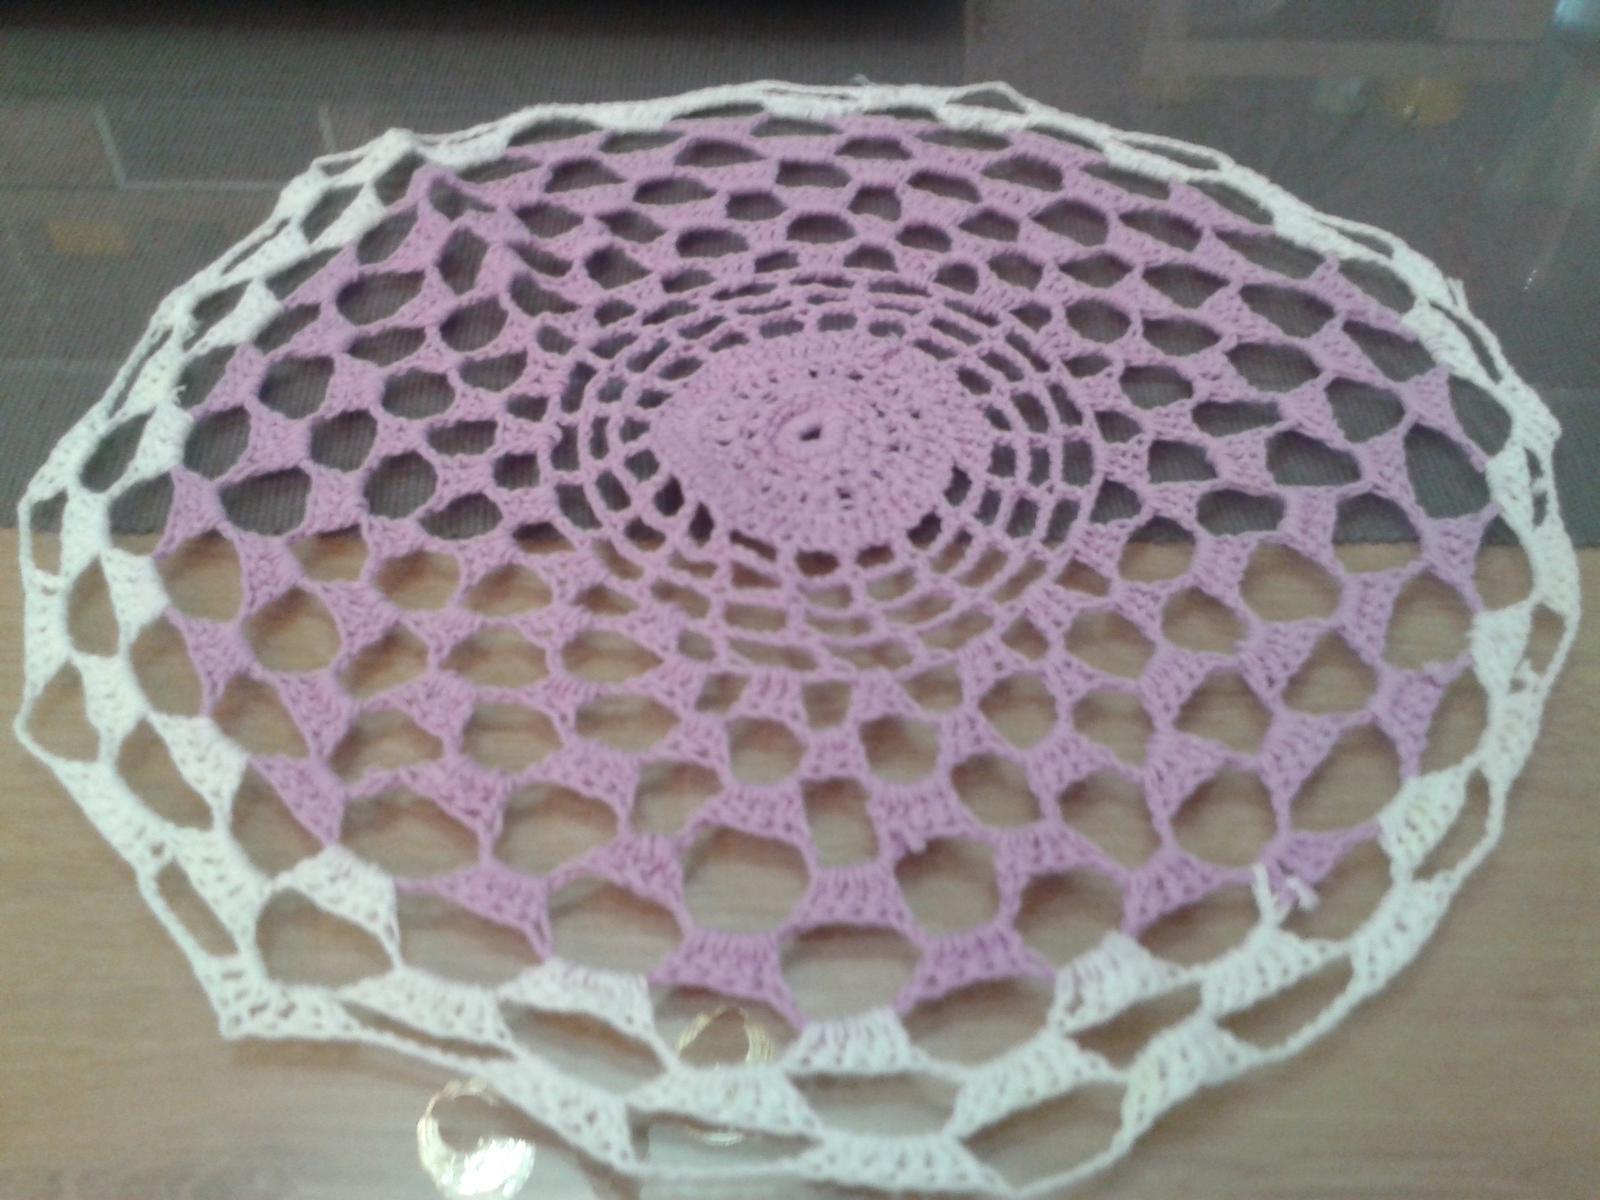 sadu dečiek fialovo-bielej farby - Obrázok č. 1